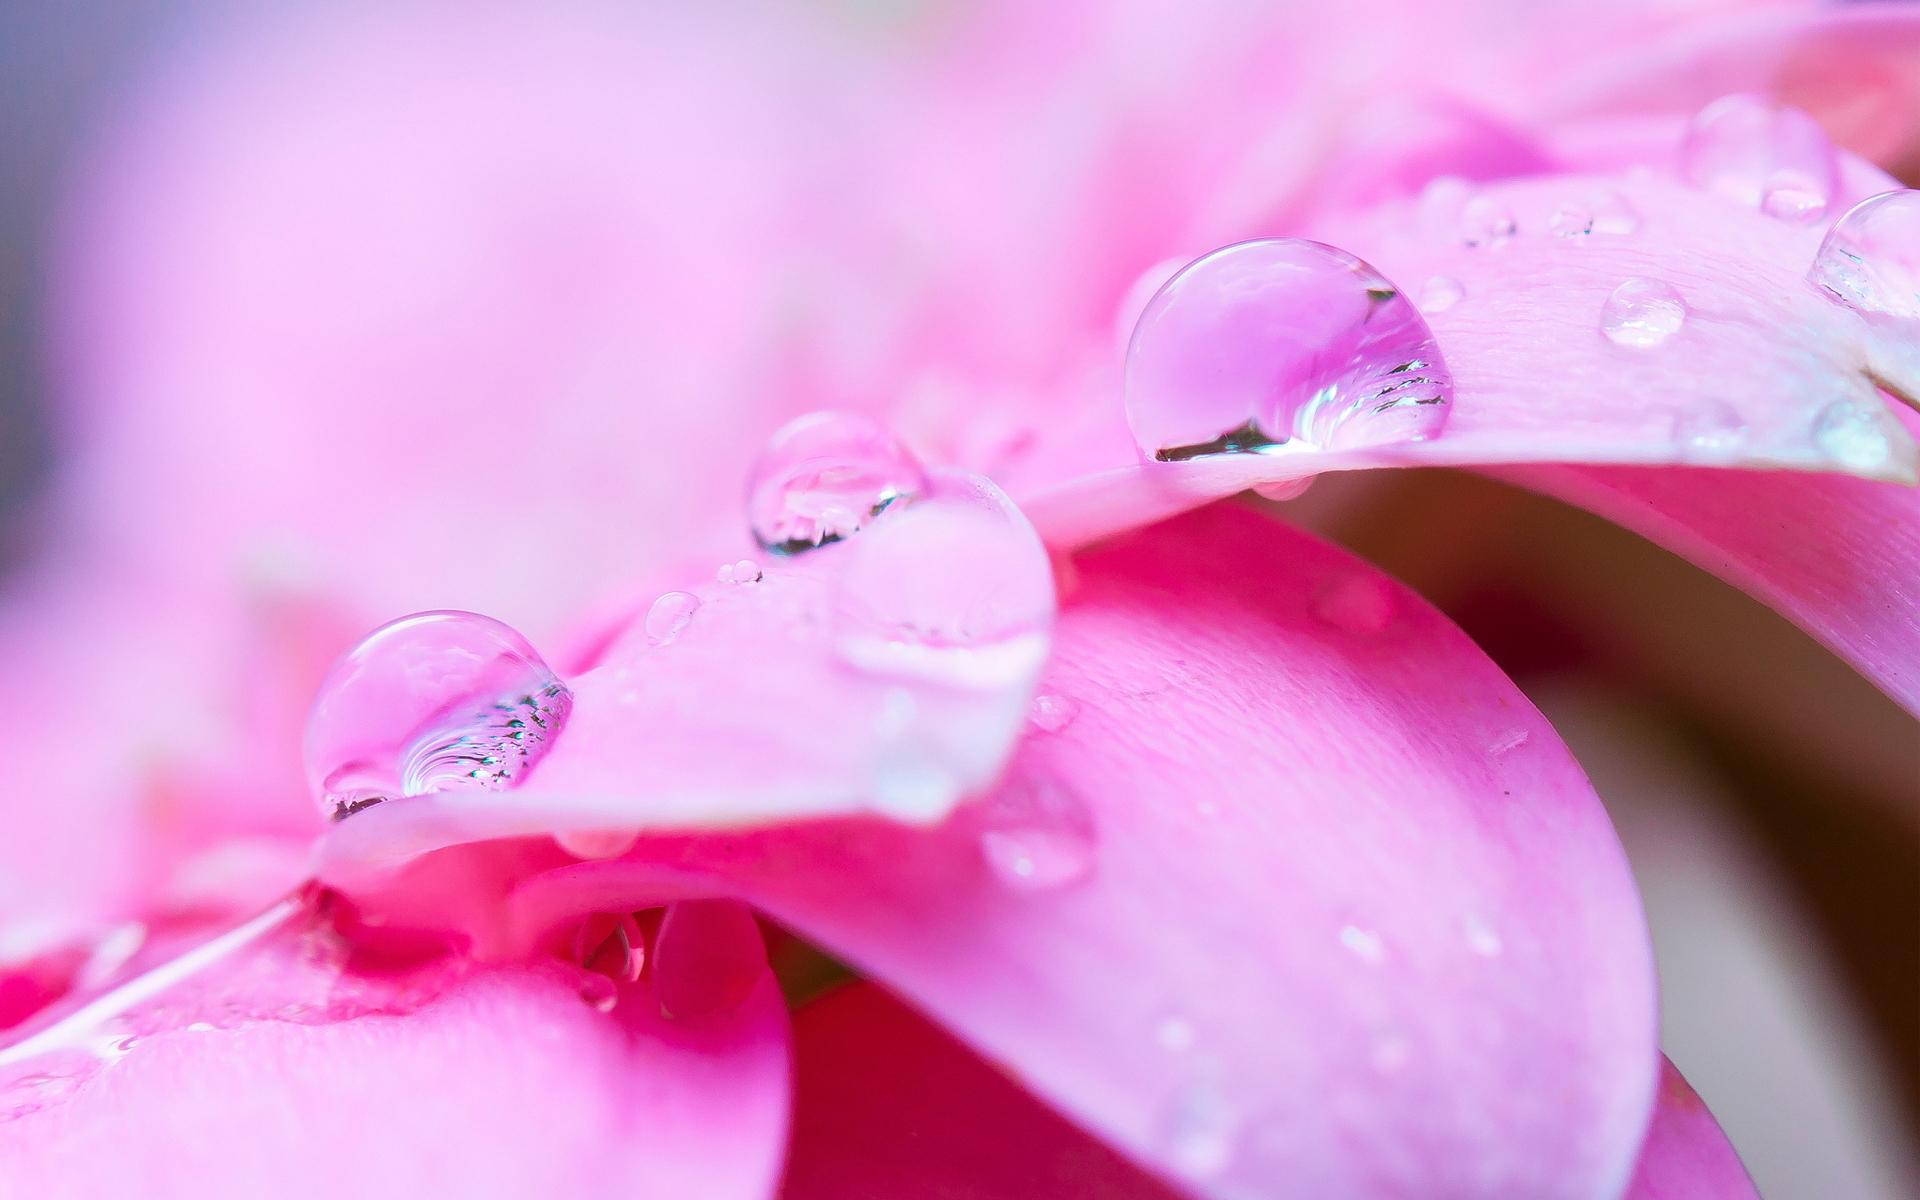 Pink petals drops